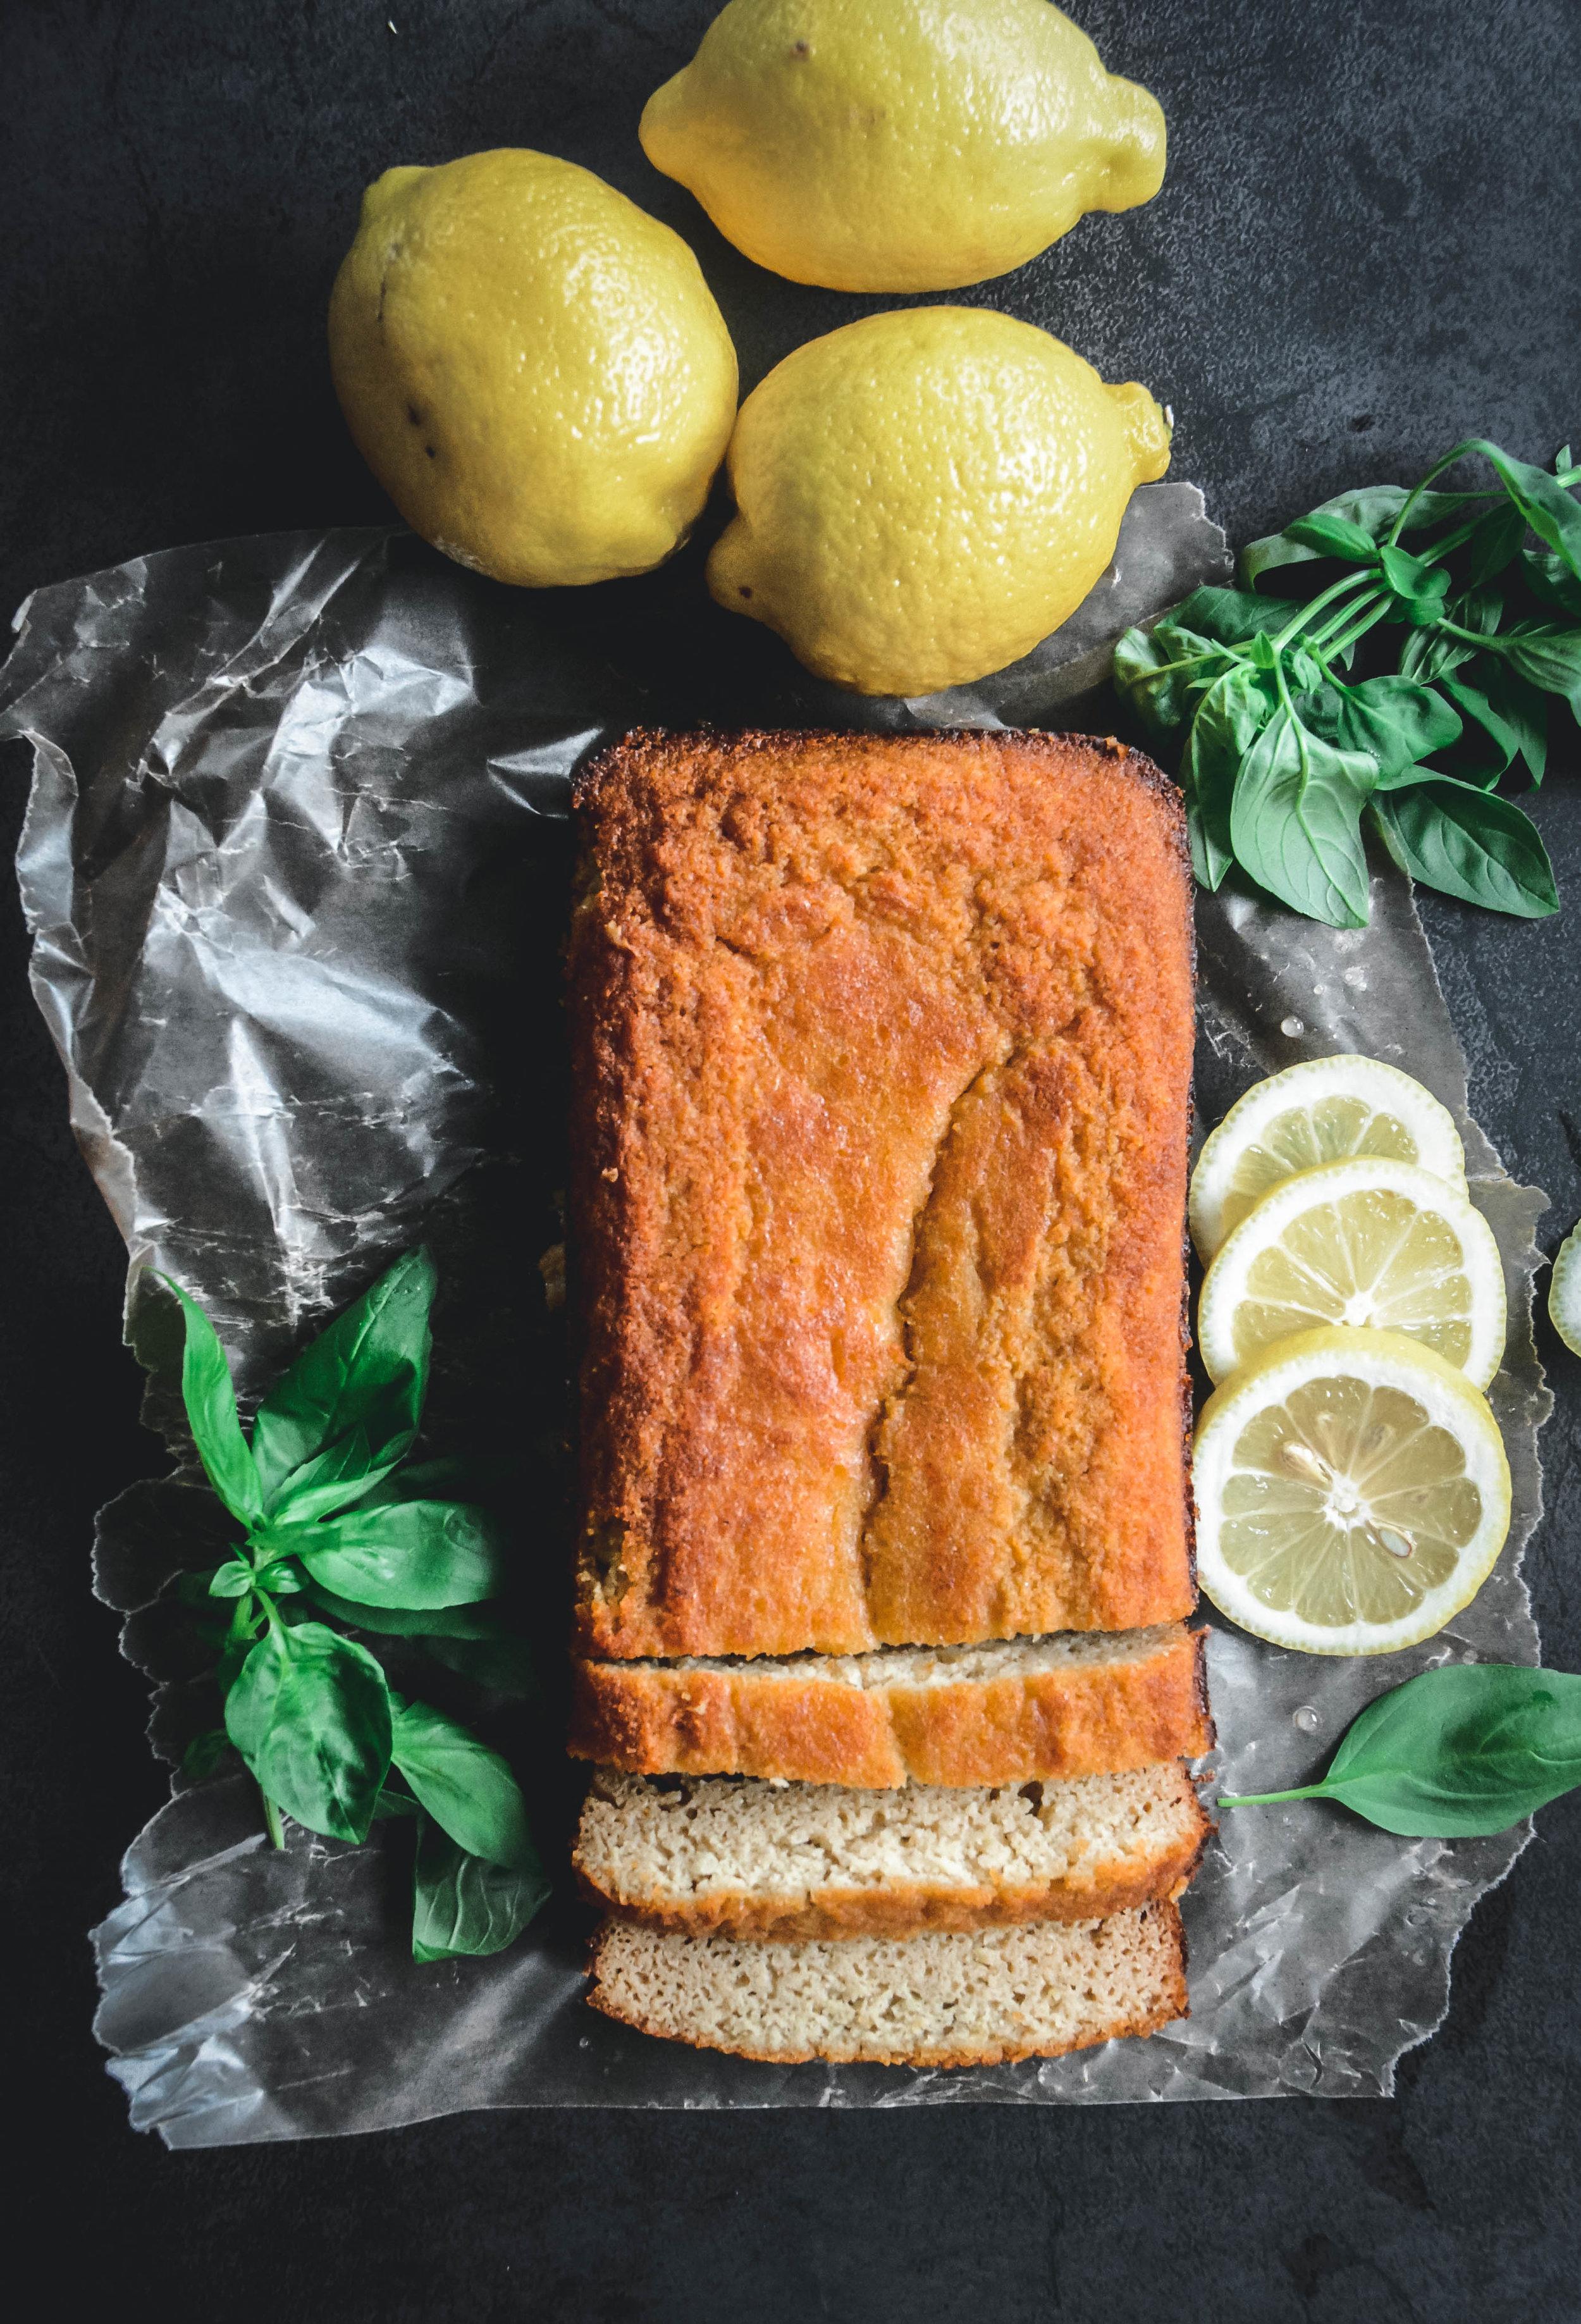 glazed lemon loaf cake